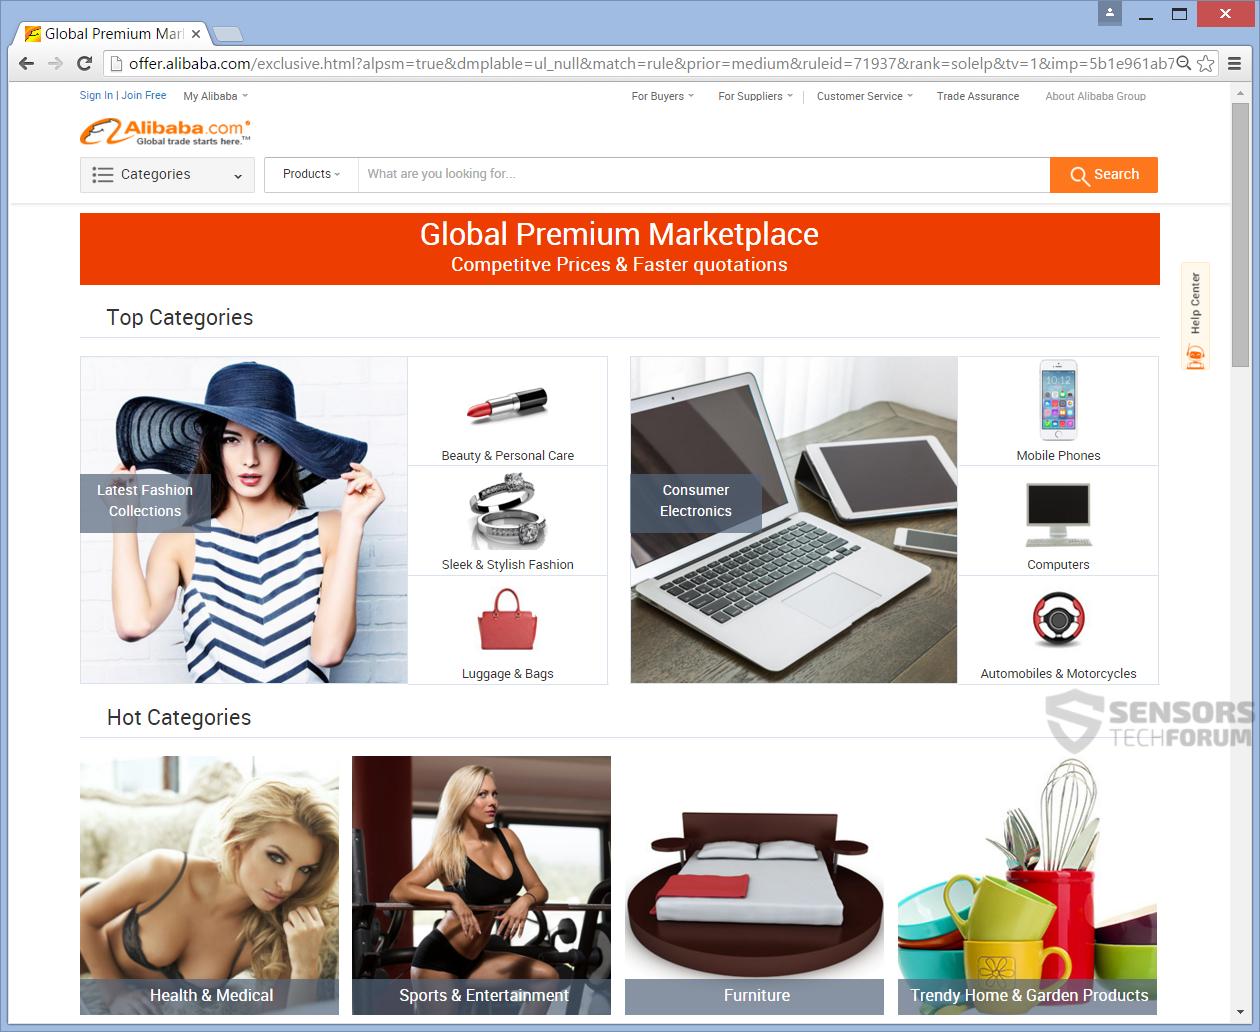 STF-always-new-soft-alwaysnewsoft-traffic-portal-net-offer-alibaba